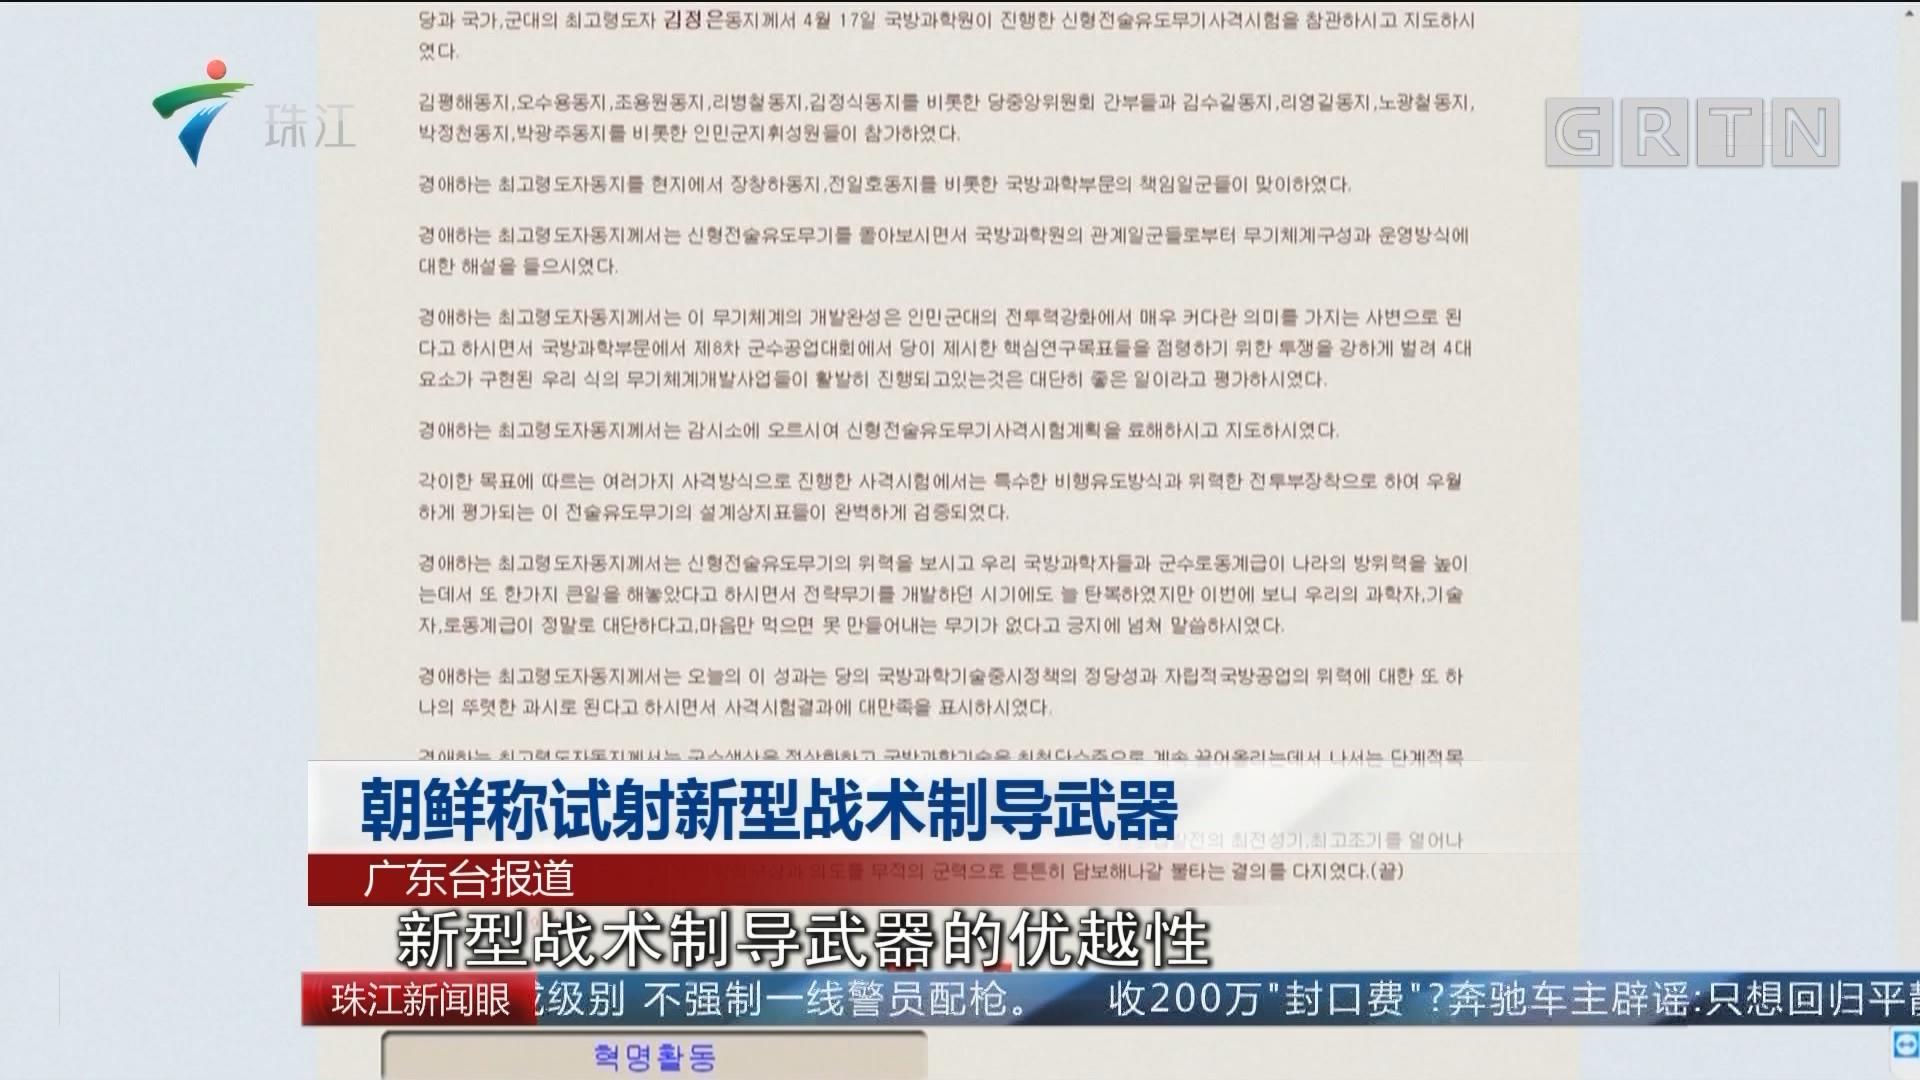 朝鲜称试射新型战术指导武器